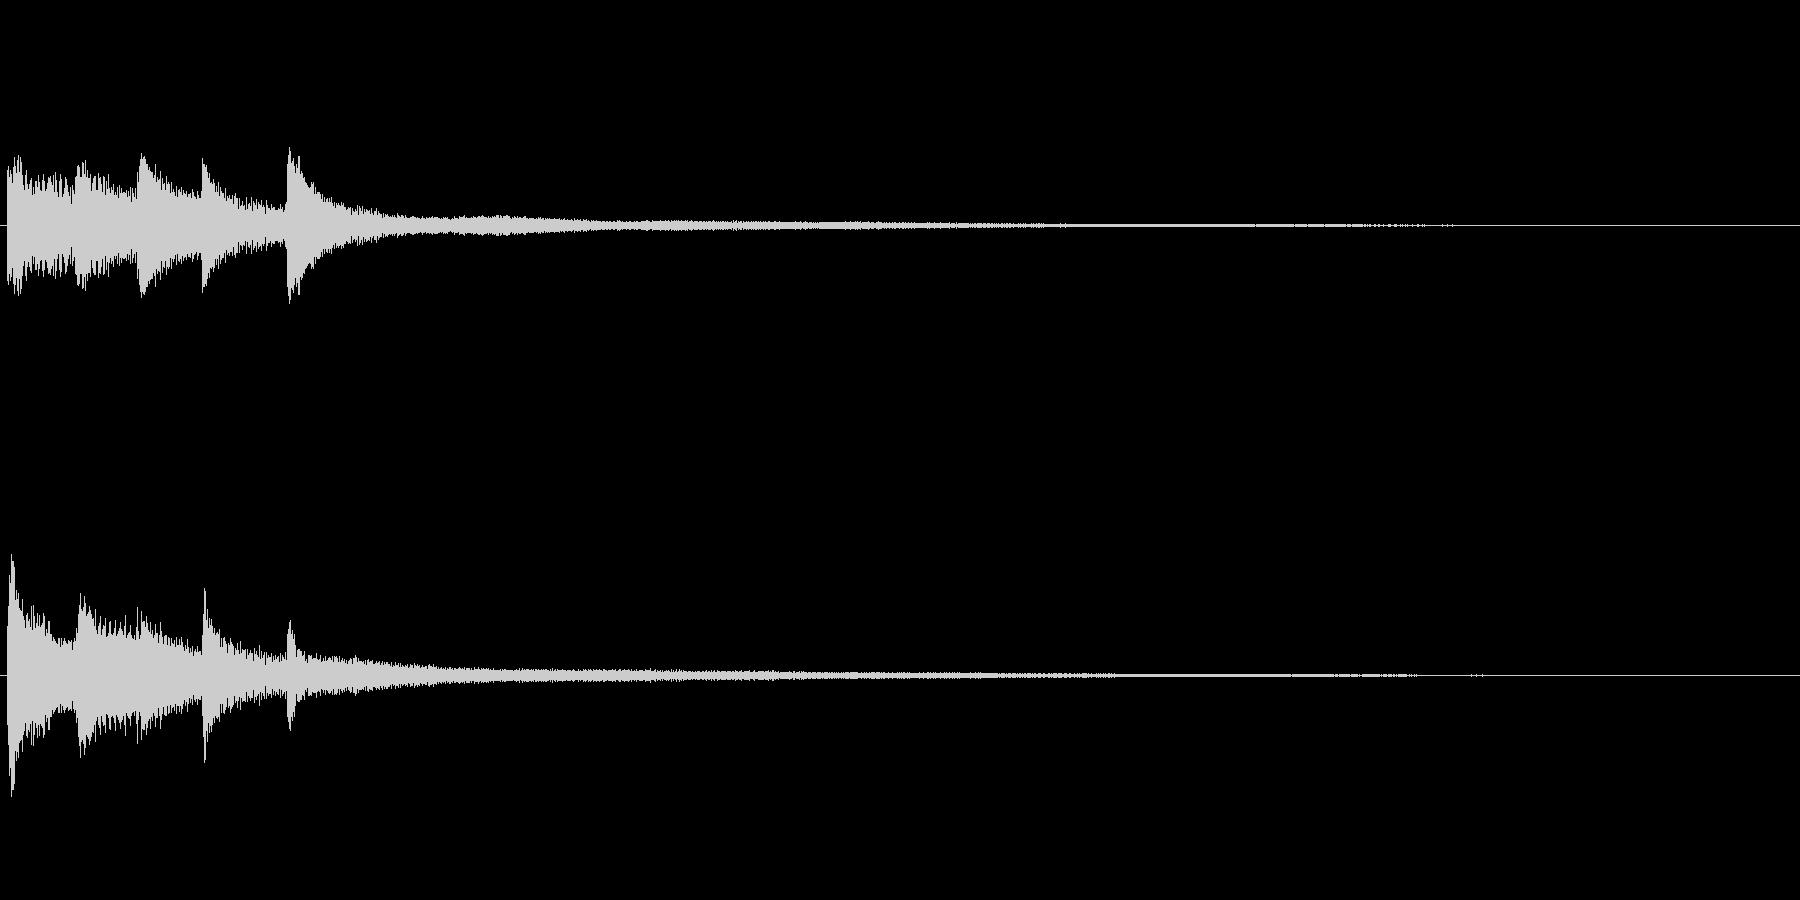 ピアノソロサウンドロゴ 優雅 大人 09の未再生の波形